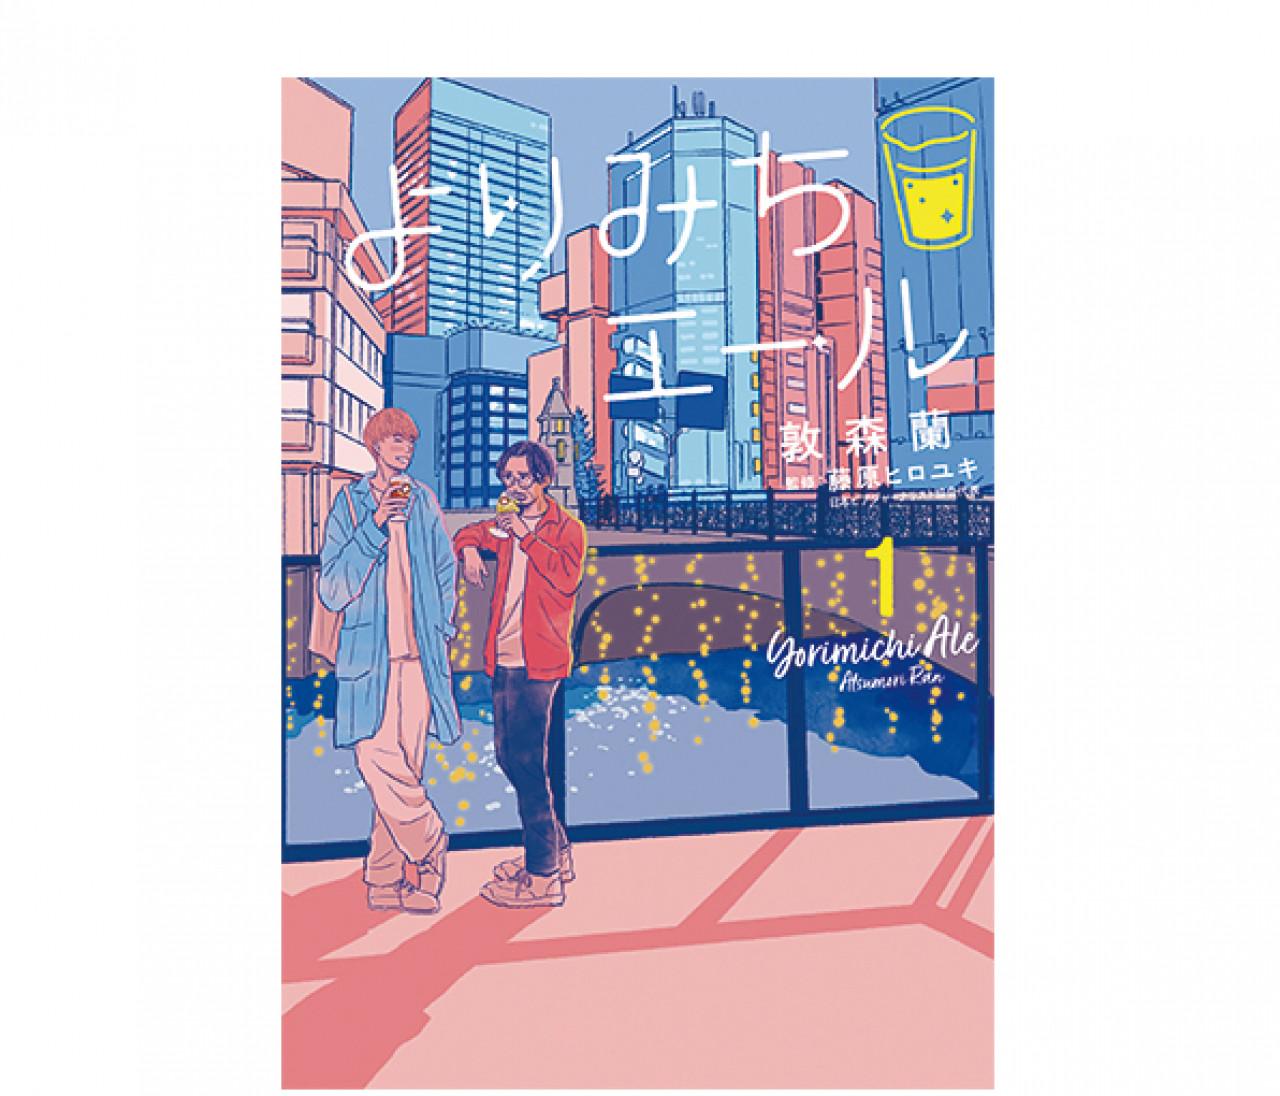 イケメン&枯れオジのビア活漫画『よりみちエール』をレビュー【30代女子のおすすめコミック】